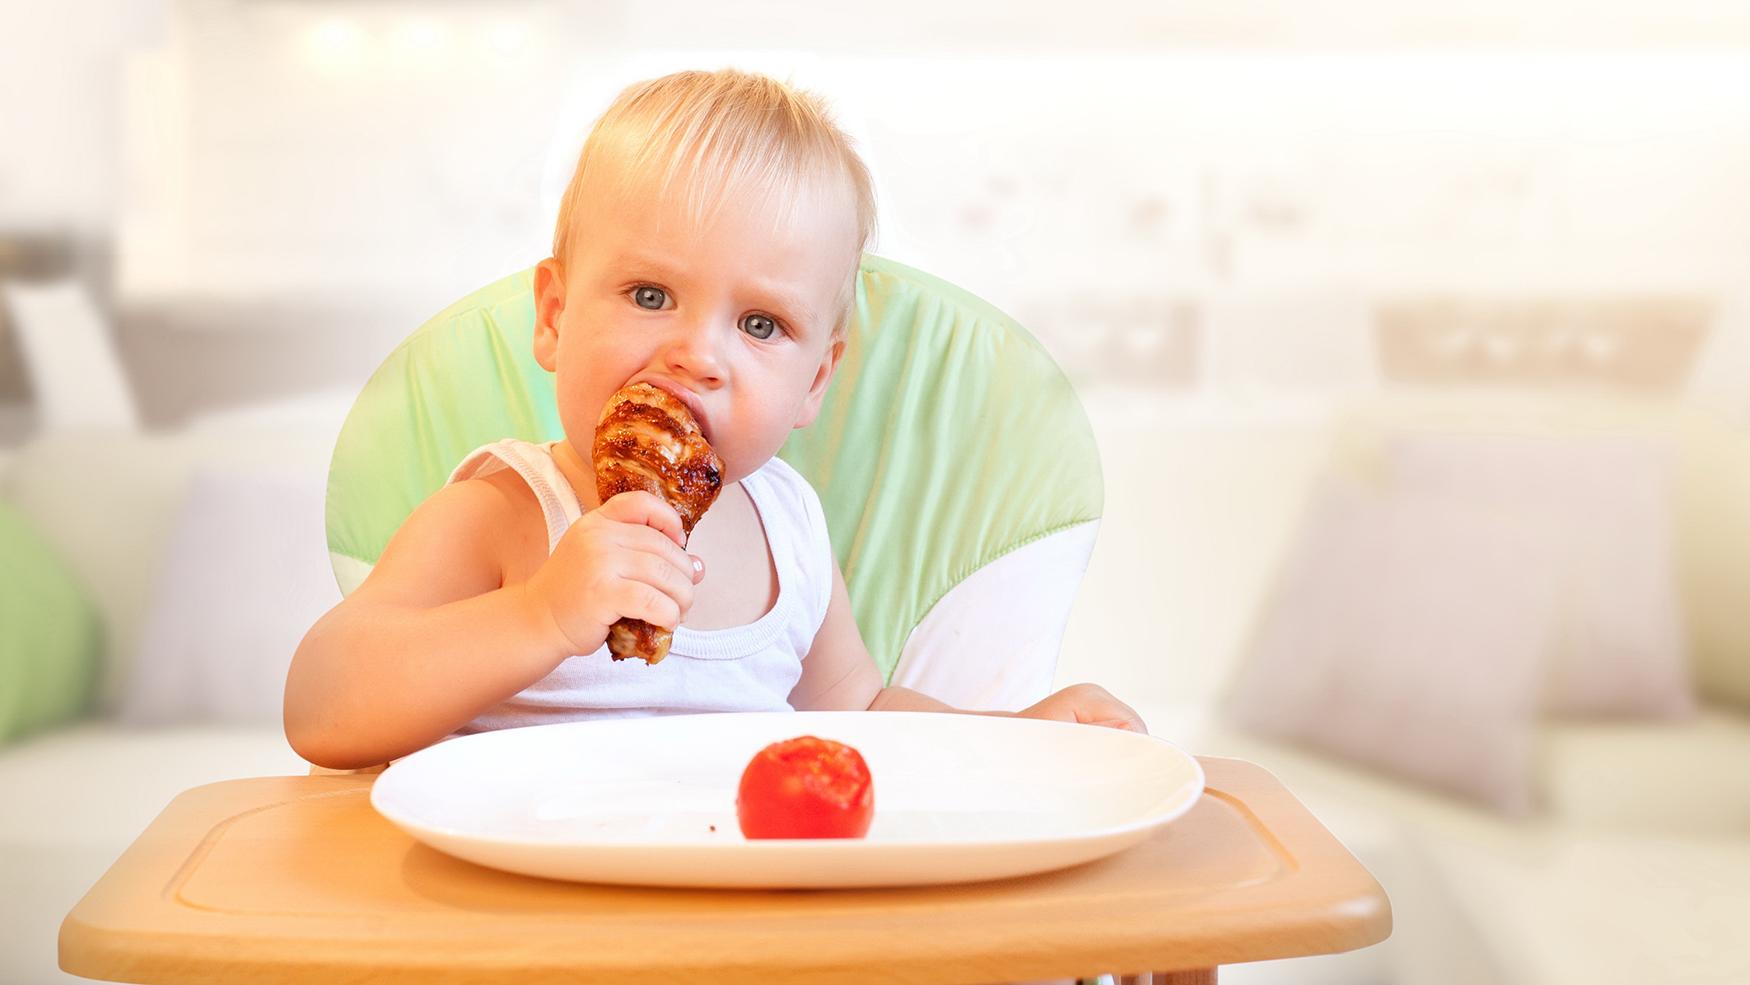 Πότε μιλάνε τα μωρά  - PatrisNews - Εφημερίδα Πατρίς Ηλείας 79c85730b70